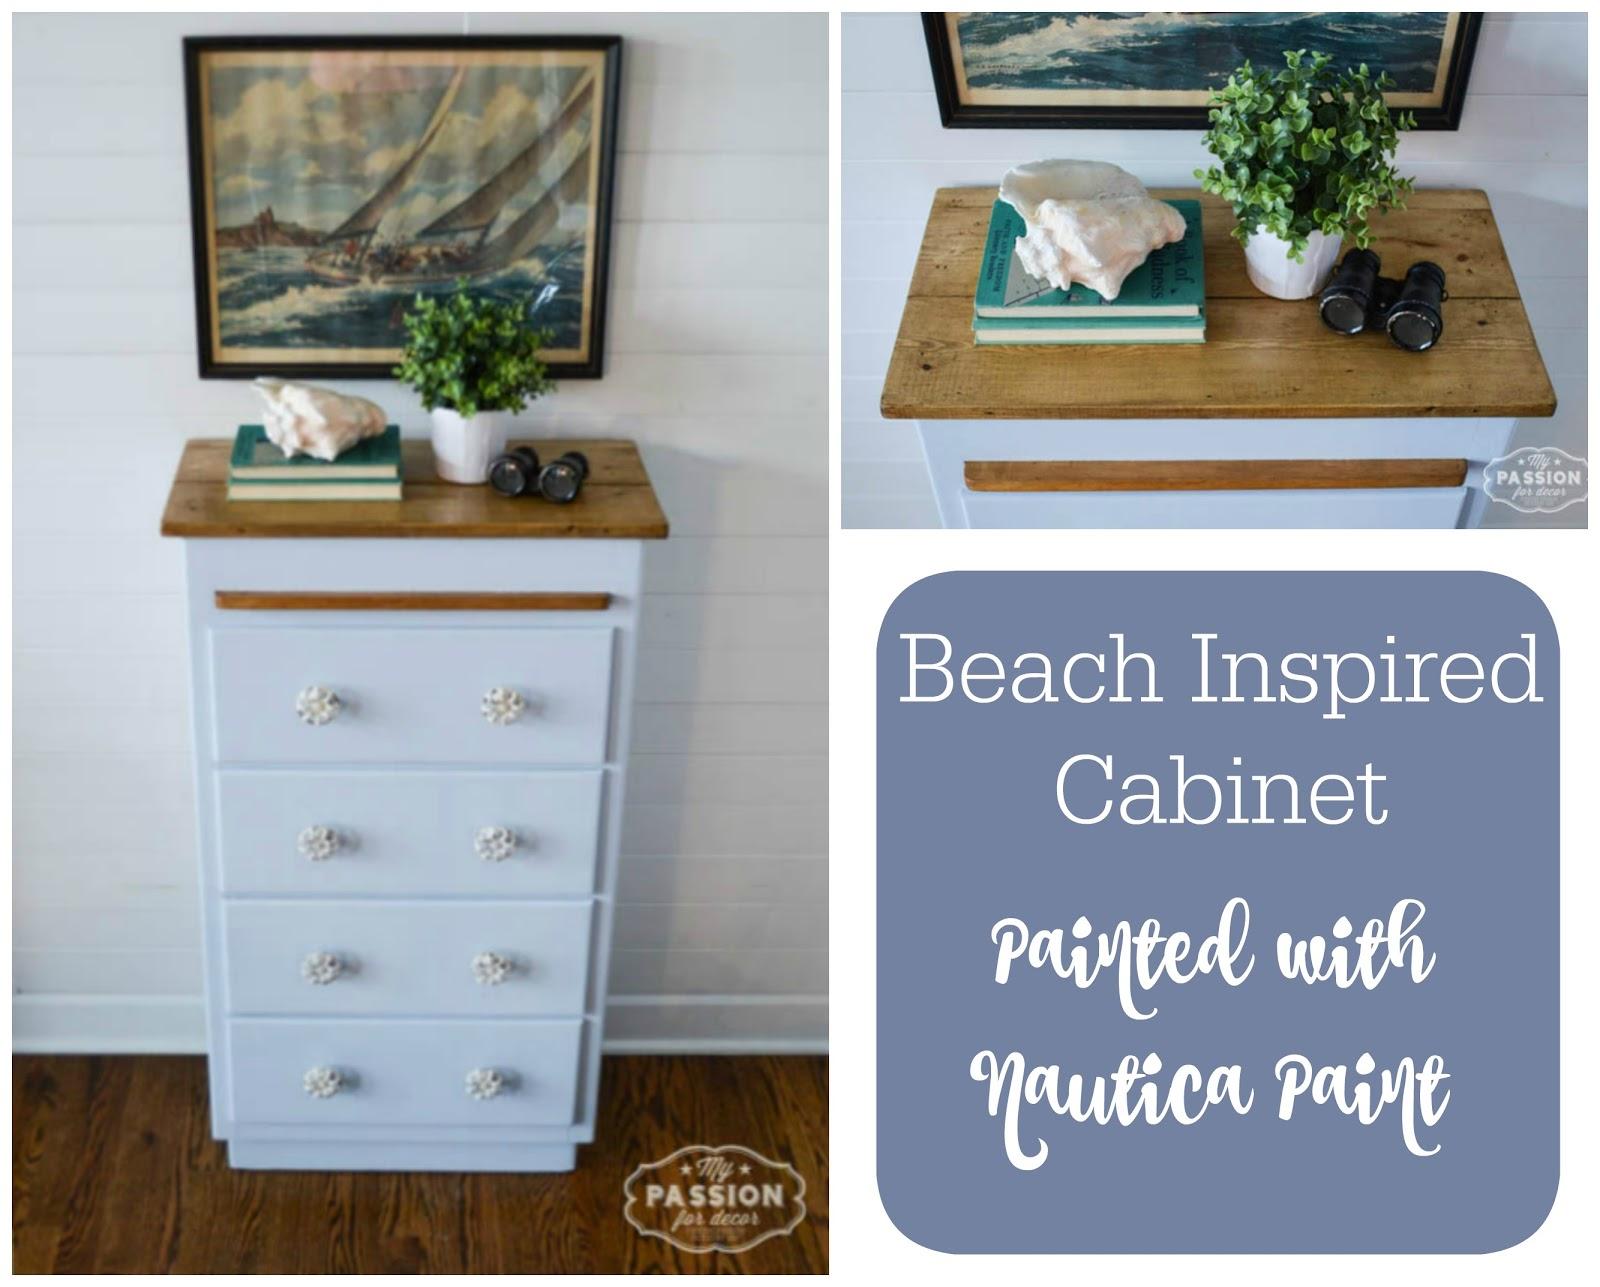 Beach Inspired Cabinet Using Nautica Paint